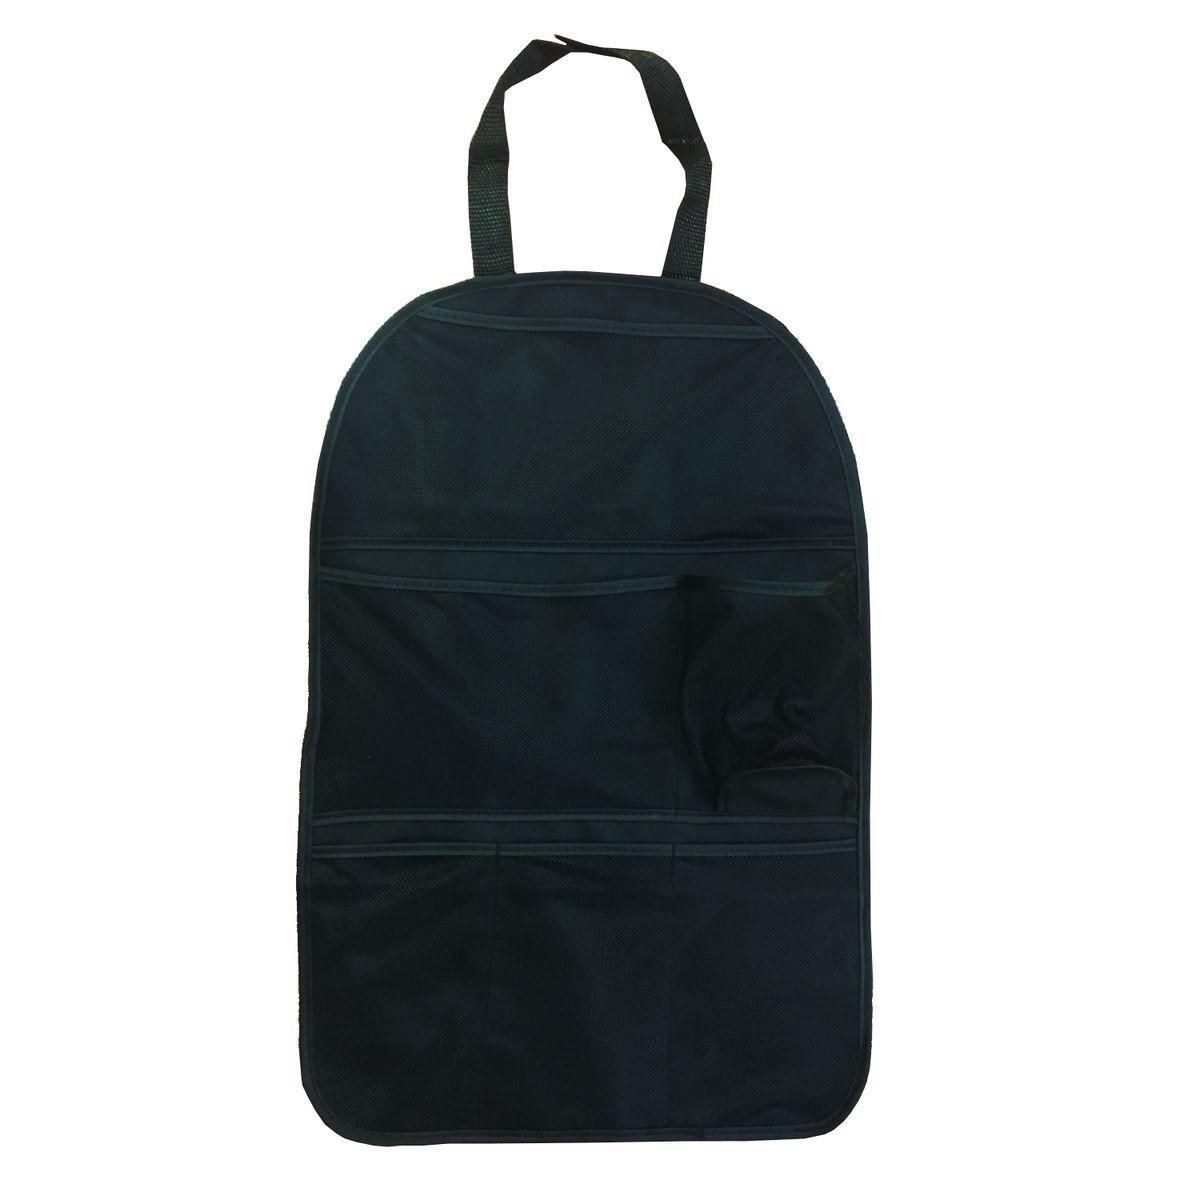 Органайзер Homsu, на спинку переднего сидения, цвет: черный, 25 x 42 см